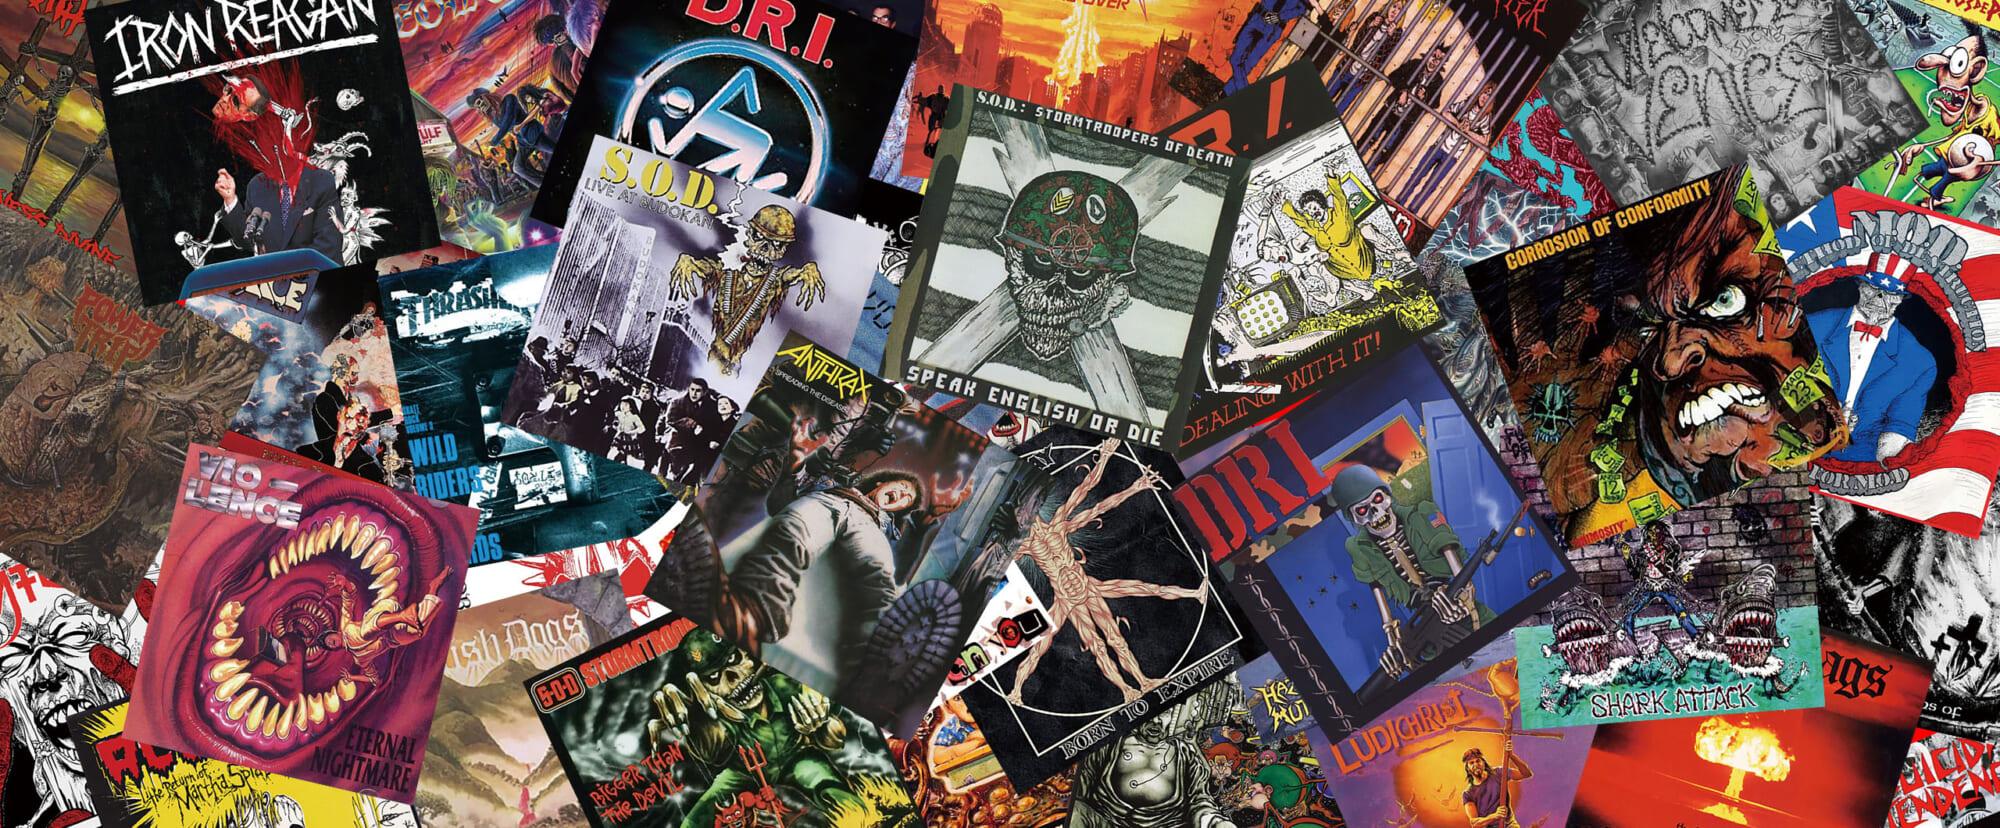 ギタリストなら絶対に聴くべきクロスオーバー・スラッシュの名盤40(1/4)